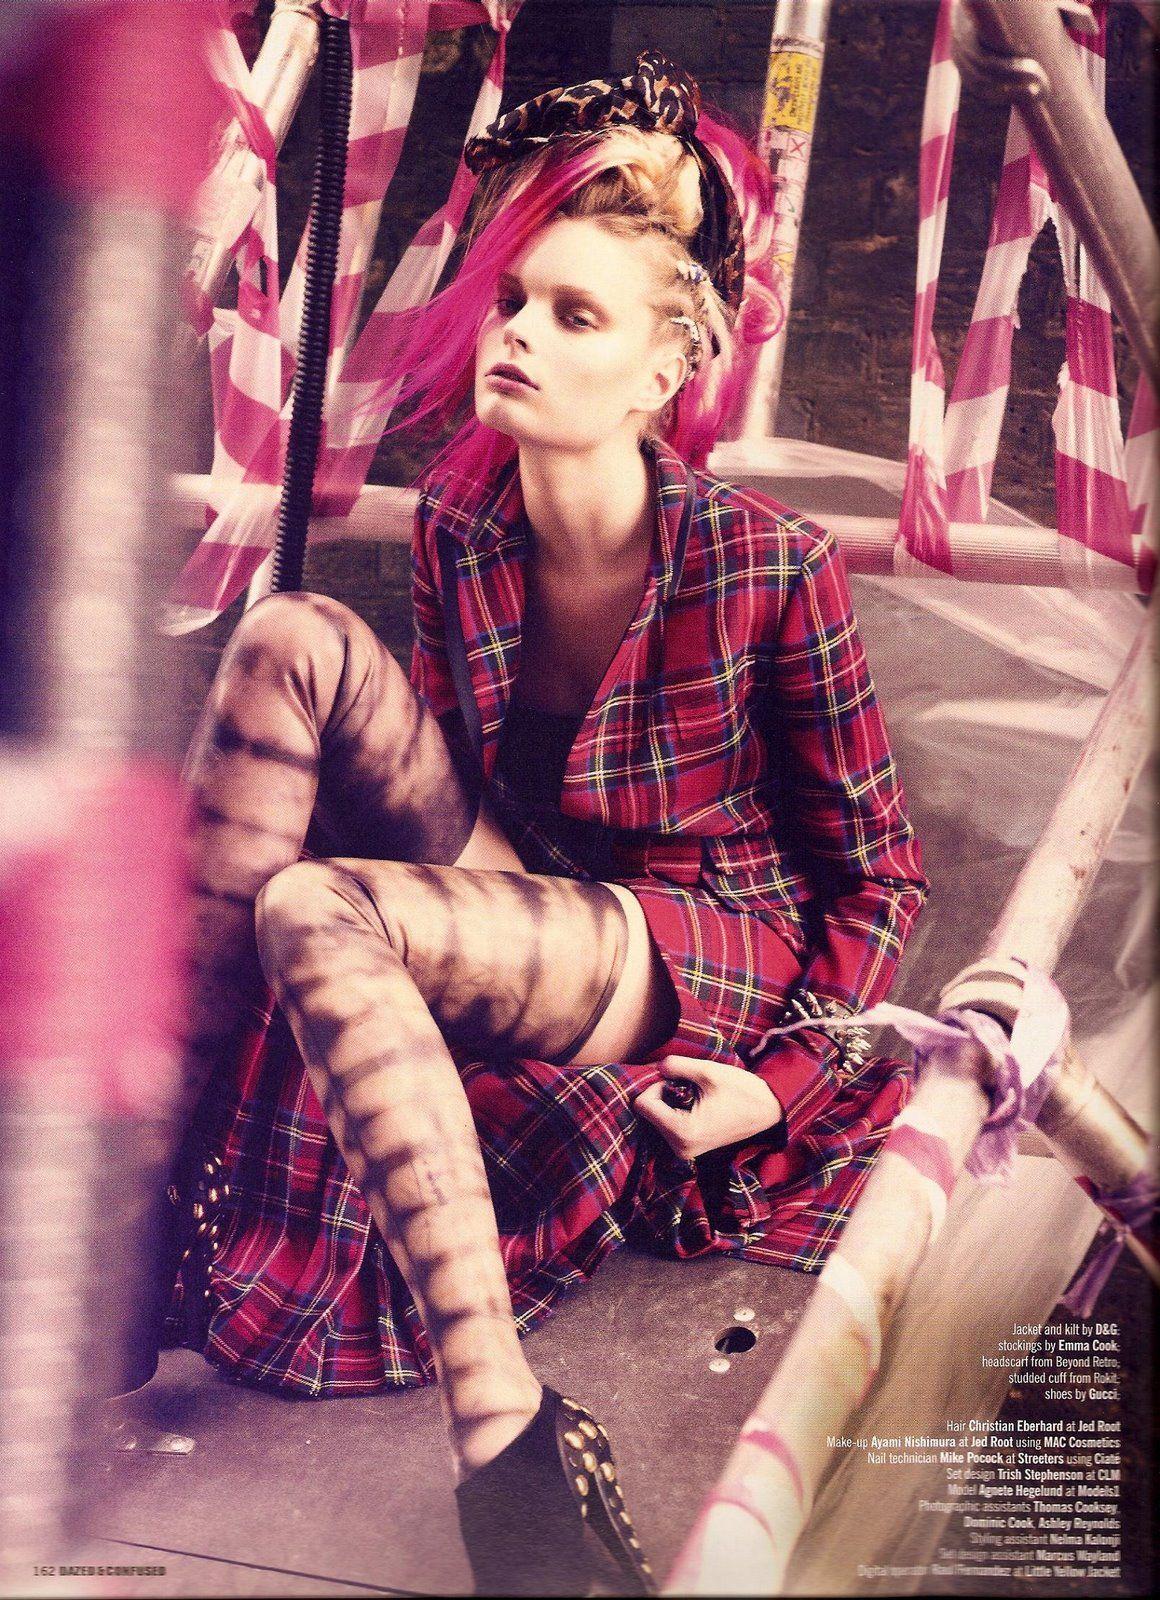 agnete hegelund in Dolce Gabbana   Dolce&Gabbana   Pinterest ...